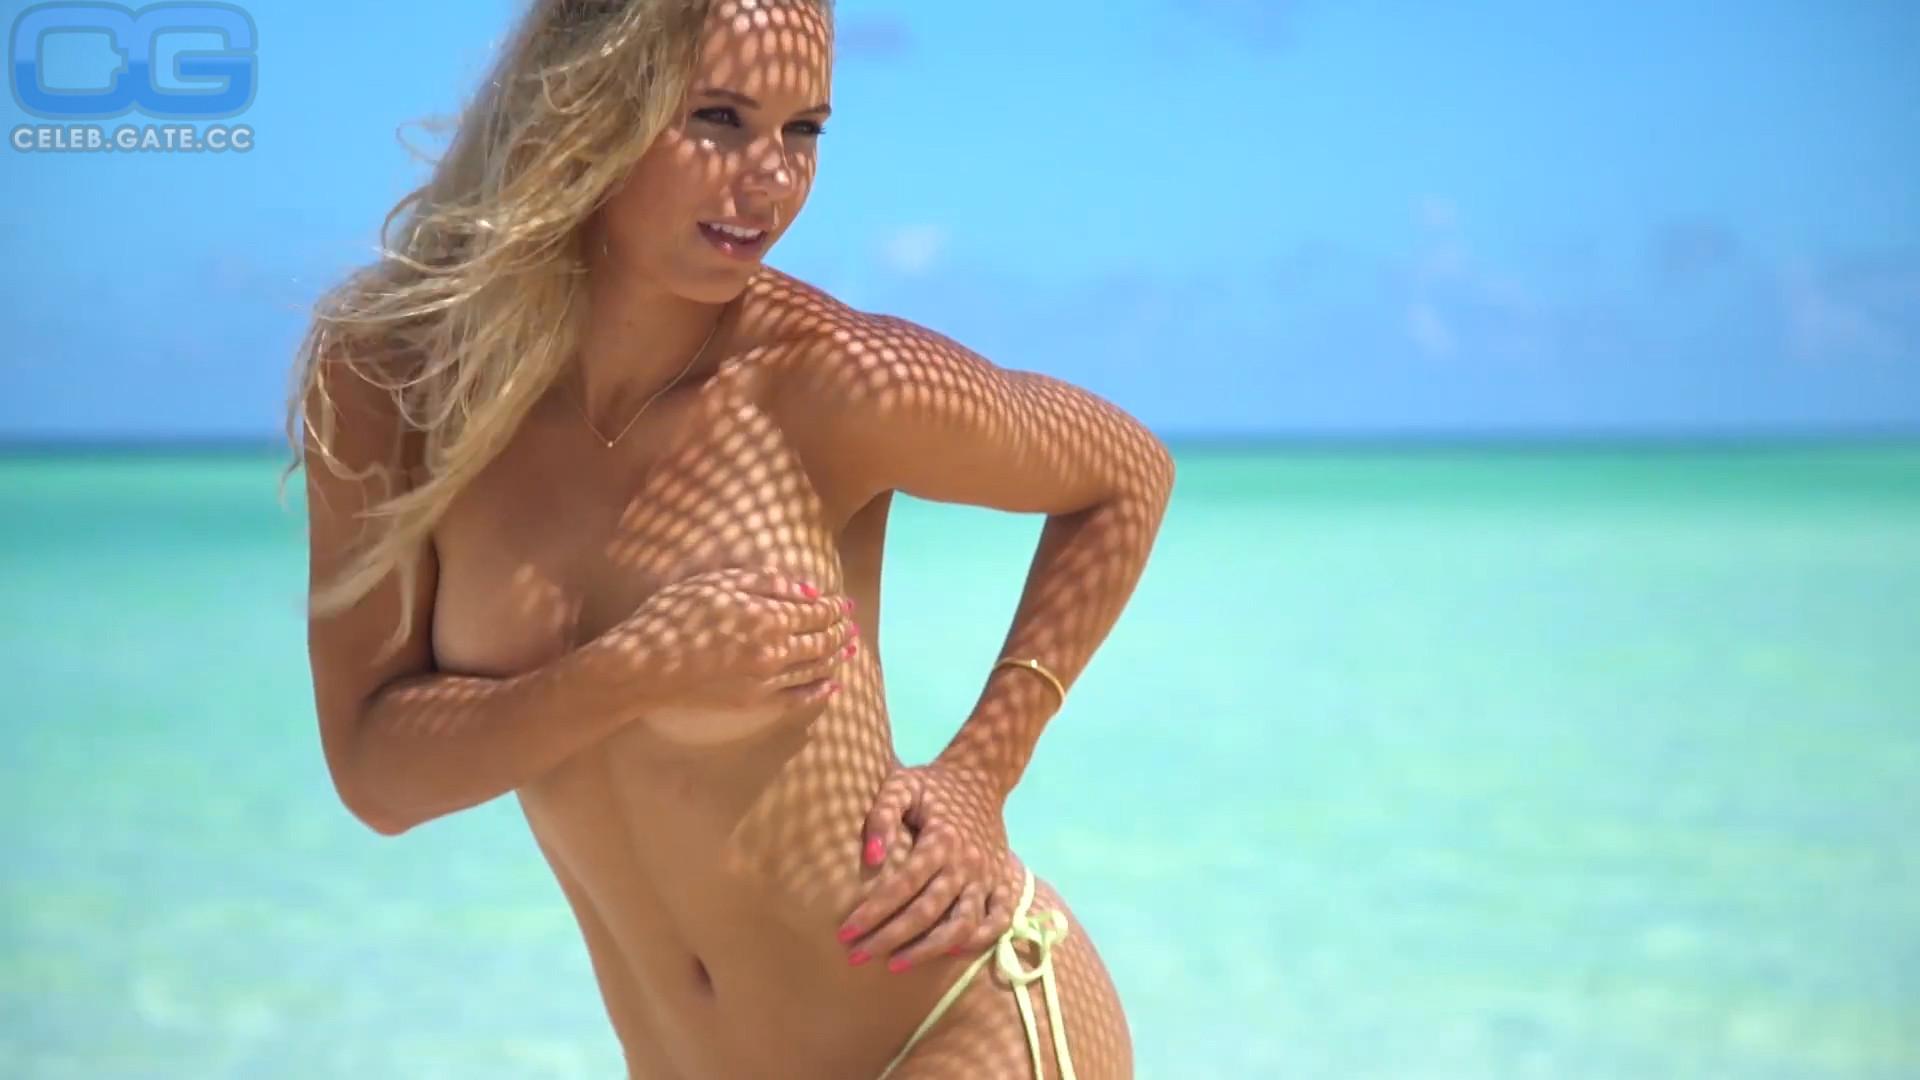 Nude wozniacki Caroline Wozniacki